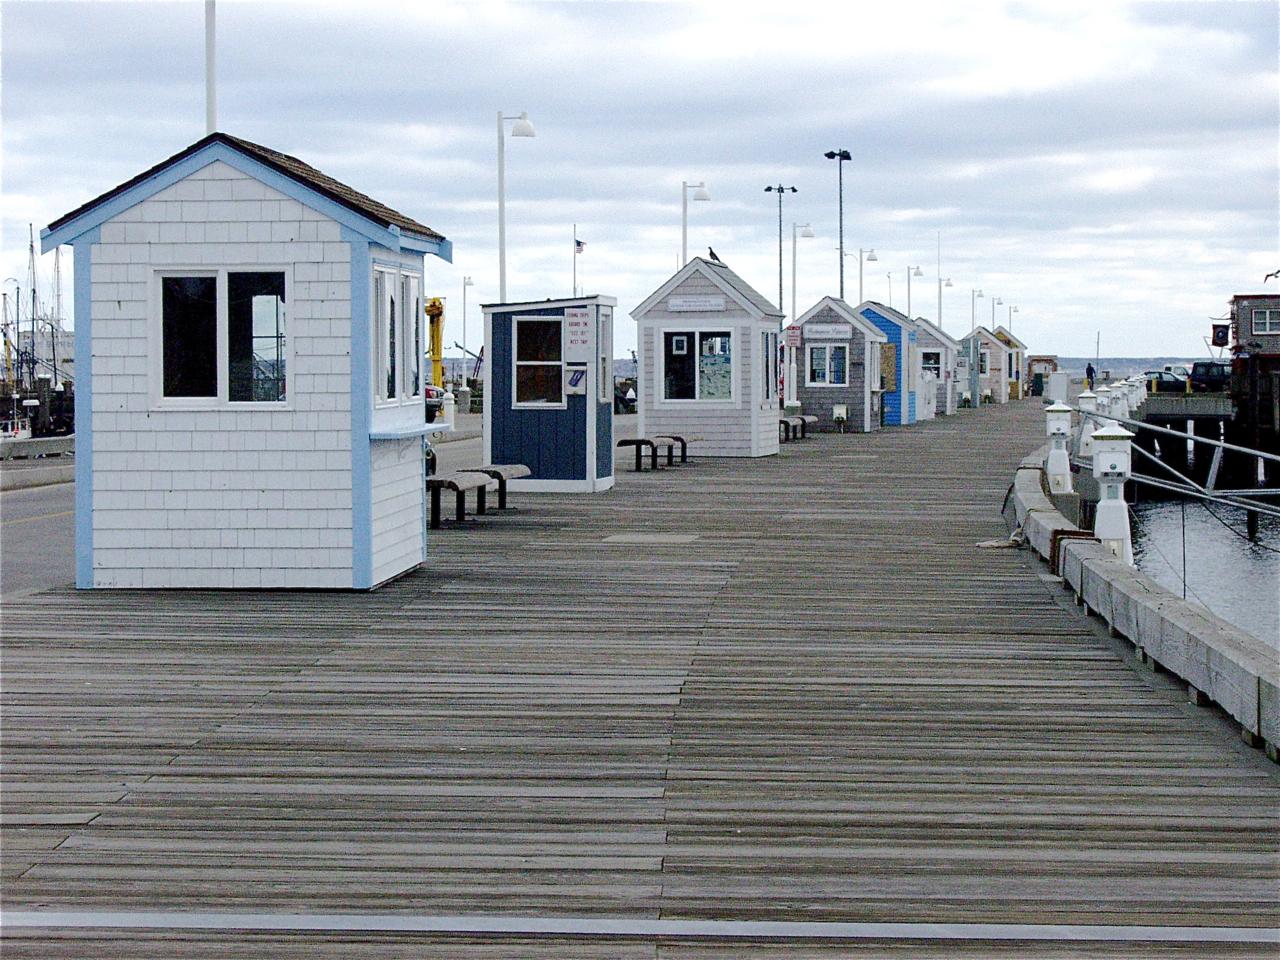 Trapsheds at MacMillan Pier